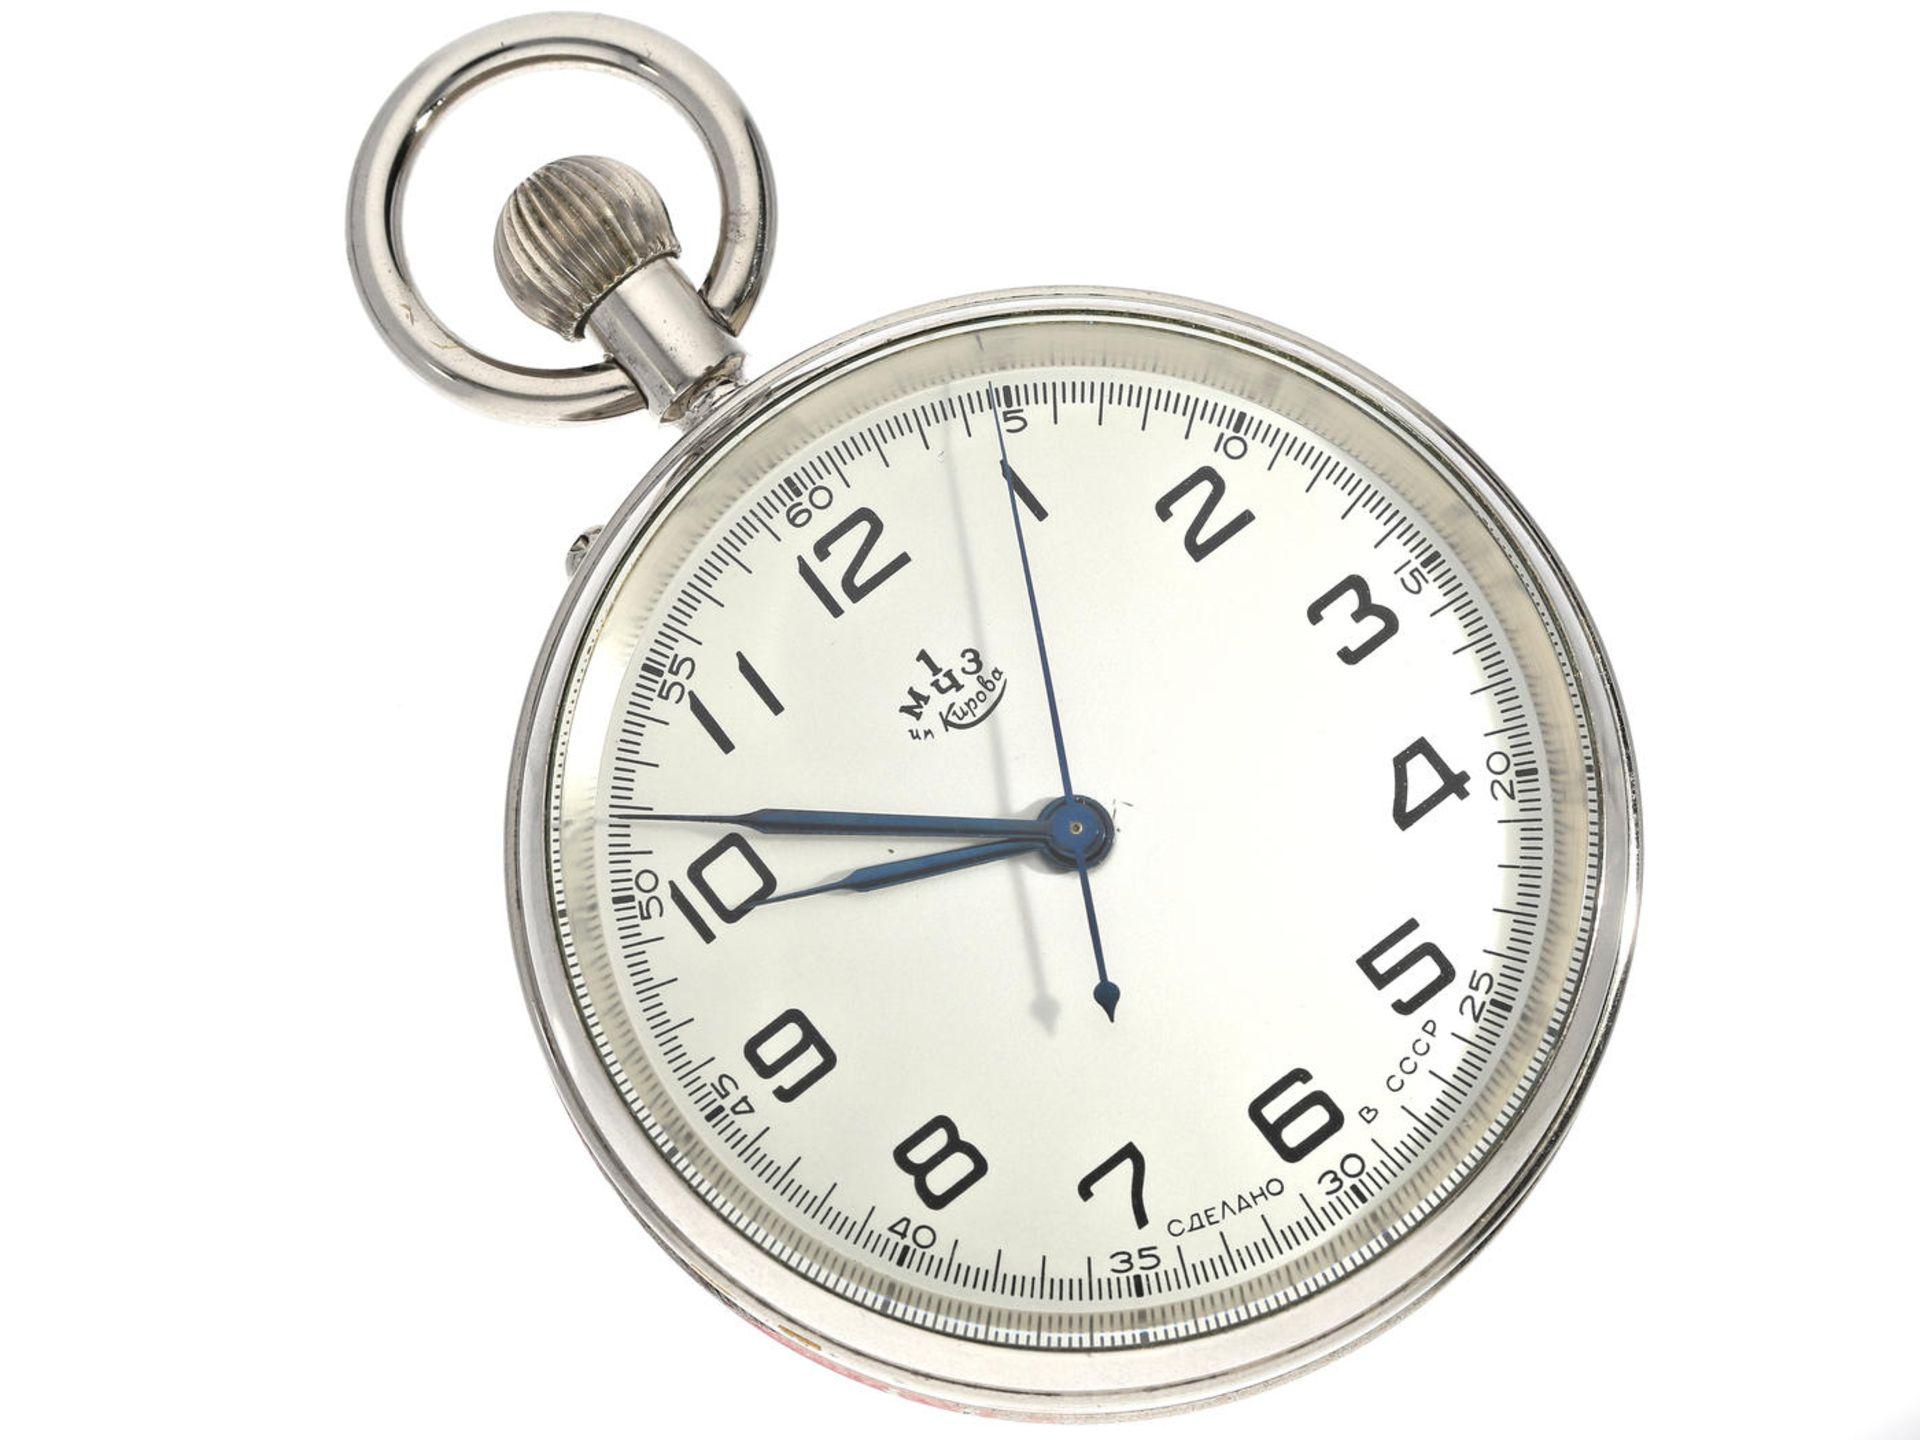 Taschenuhr/Beobachtungsuhr: russisches Beobachtungschronometer in sehr gutem Zustand, 1. Moskauer